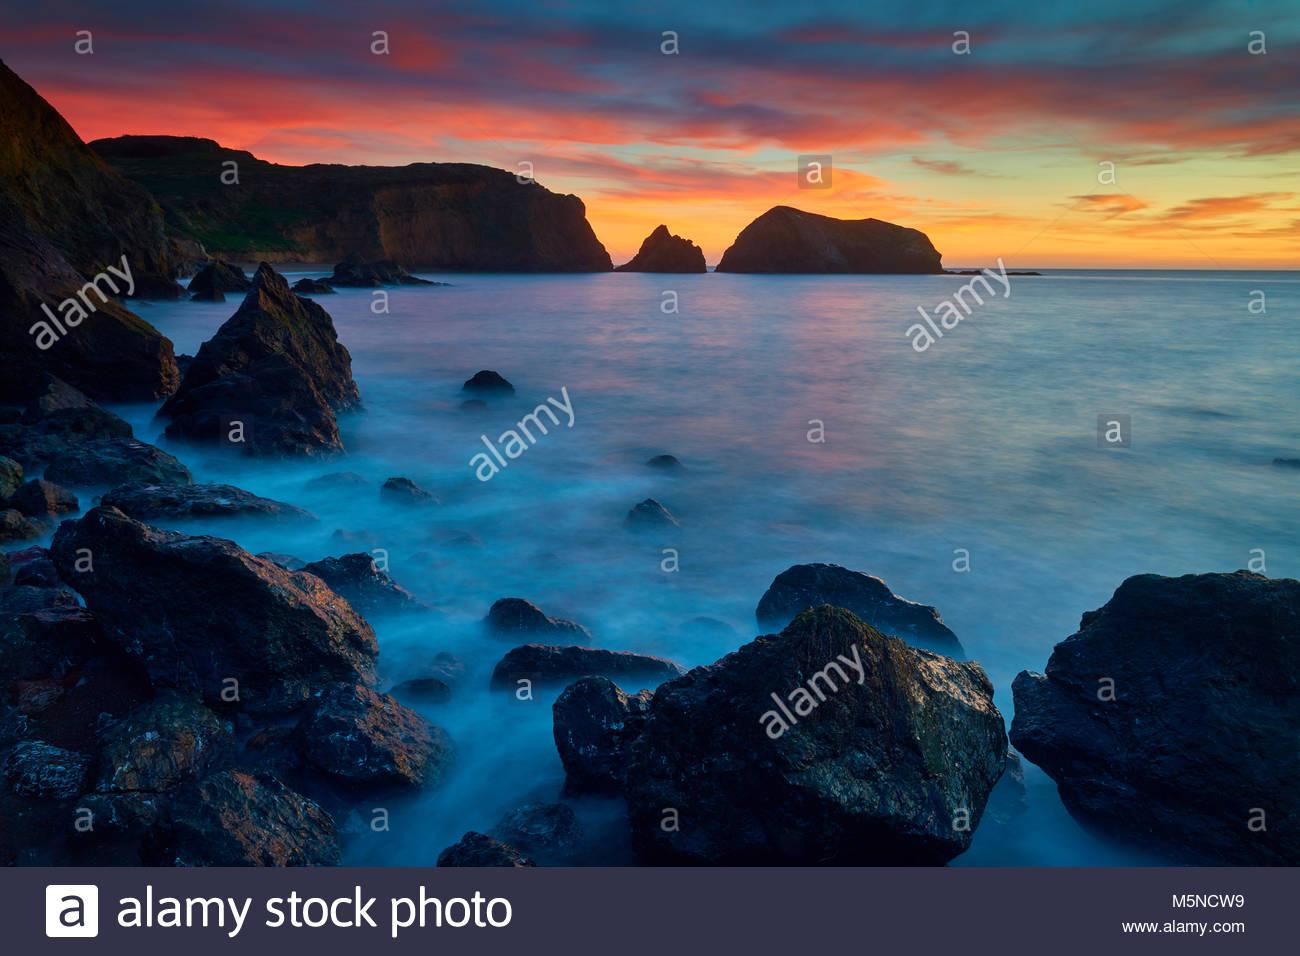 Un coucher de soleil couleurs le ciel au-dessus de l'île aux oiseaux et le sud de falaises du Marin Headlands, Photo Stock